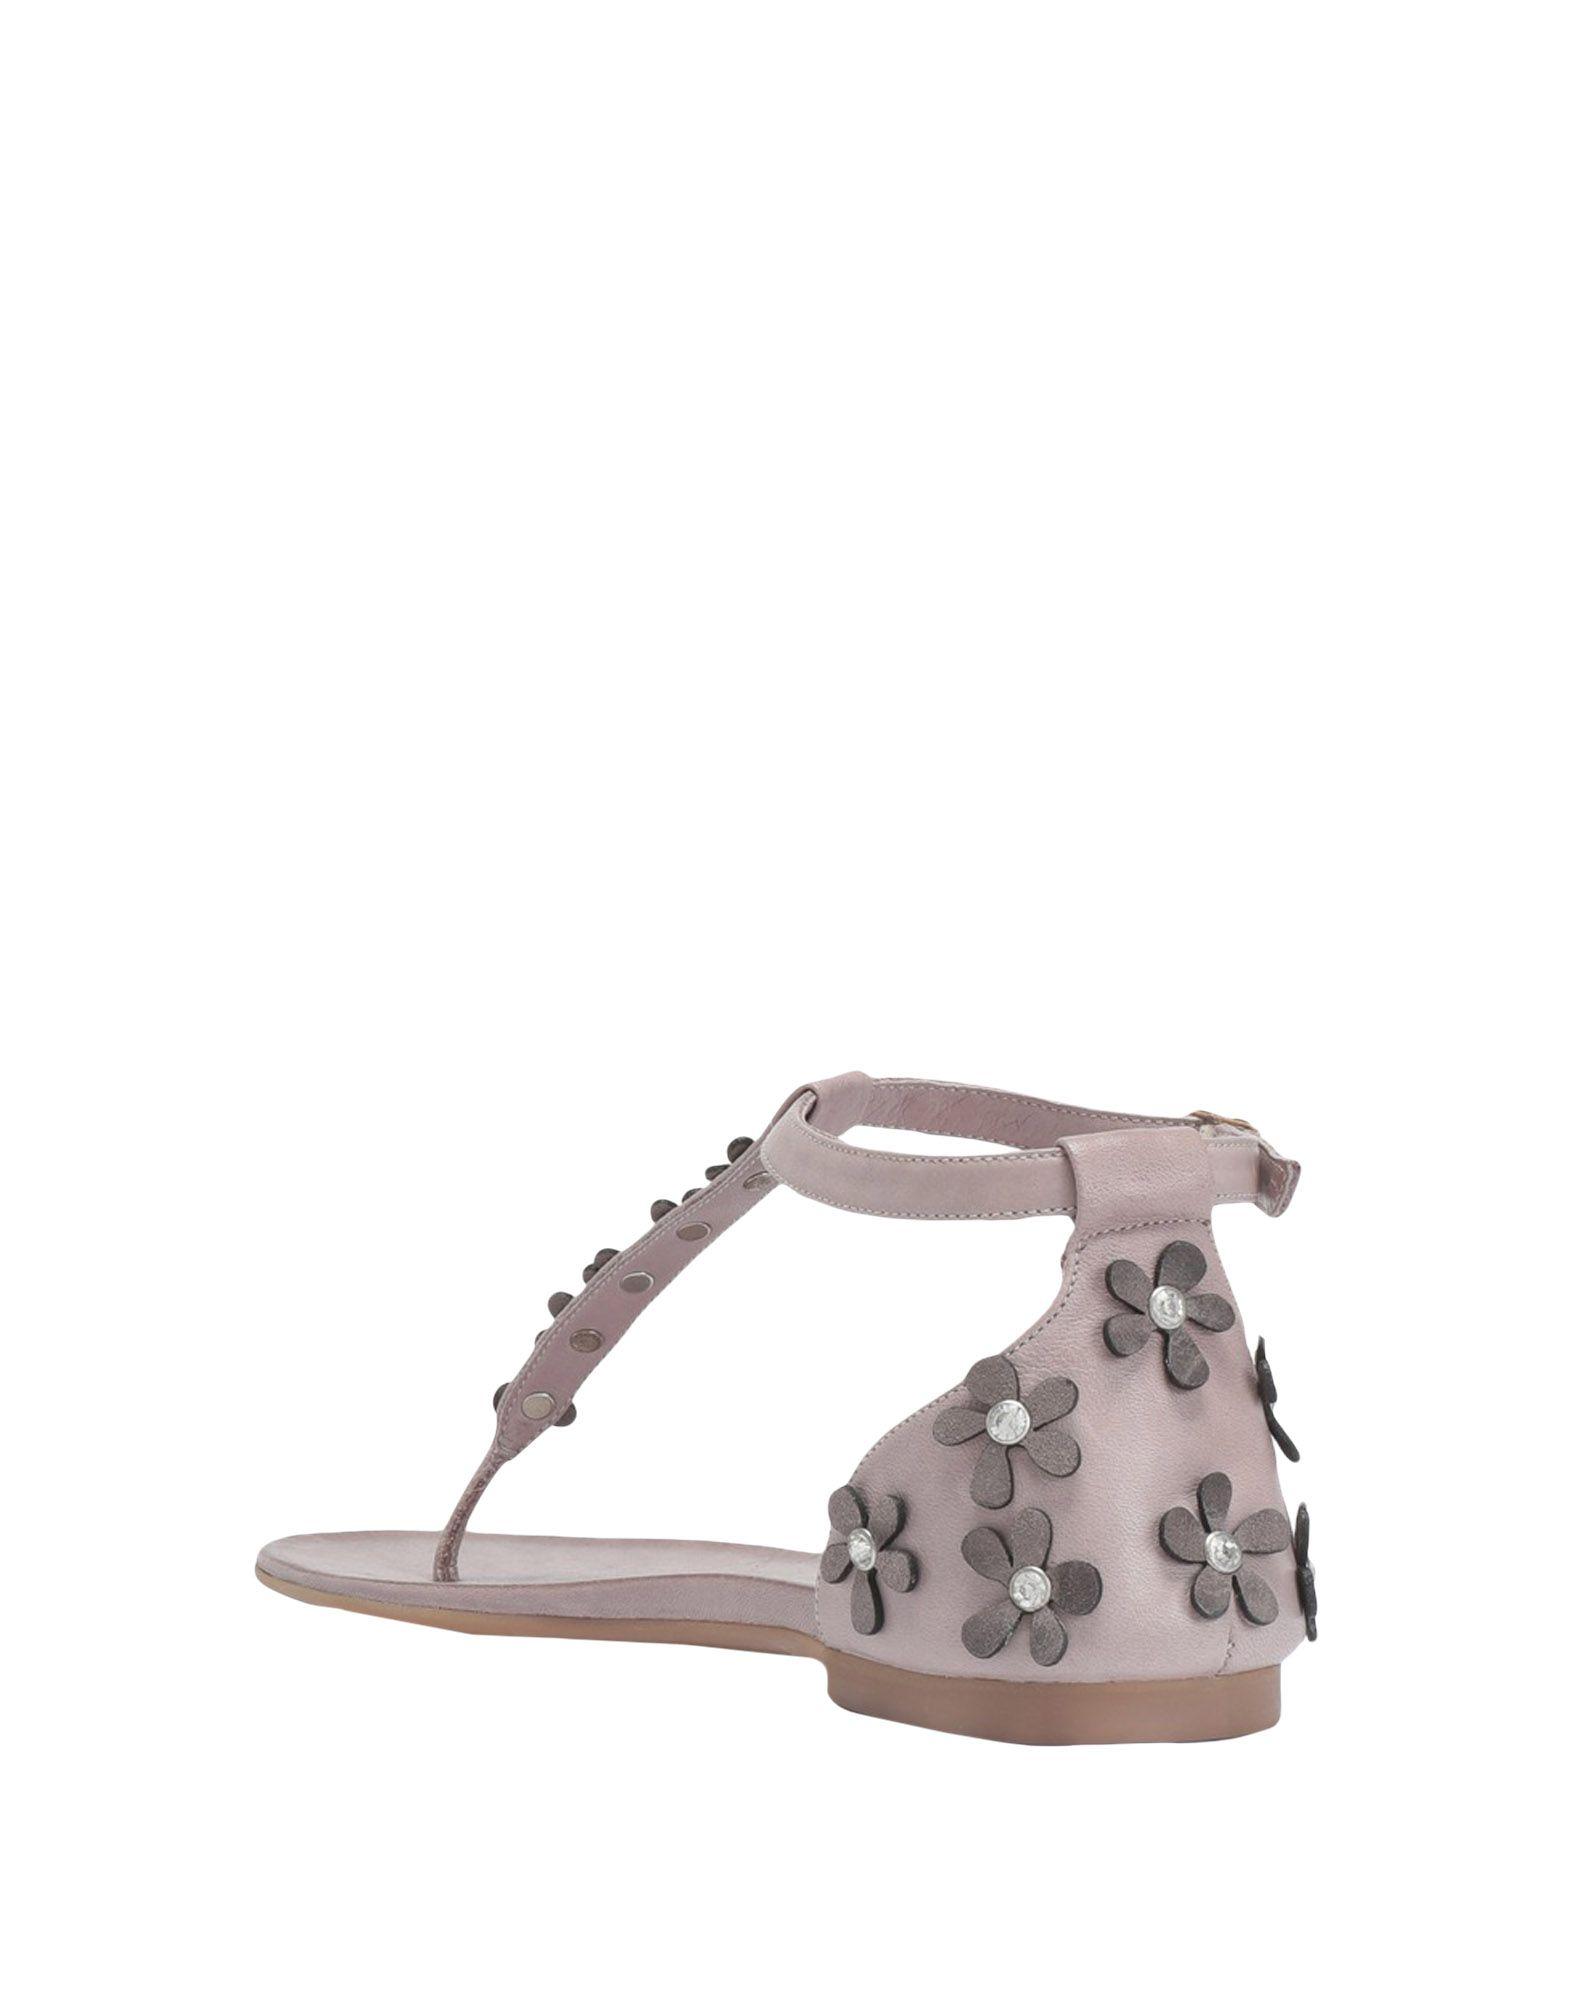 Inuovo Sandalen Schuhe Damen  11531725PM Gute Qualität beliebte Schuhe Sandalen 960720